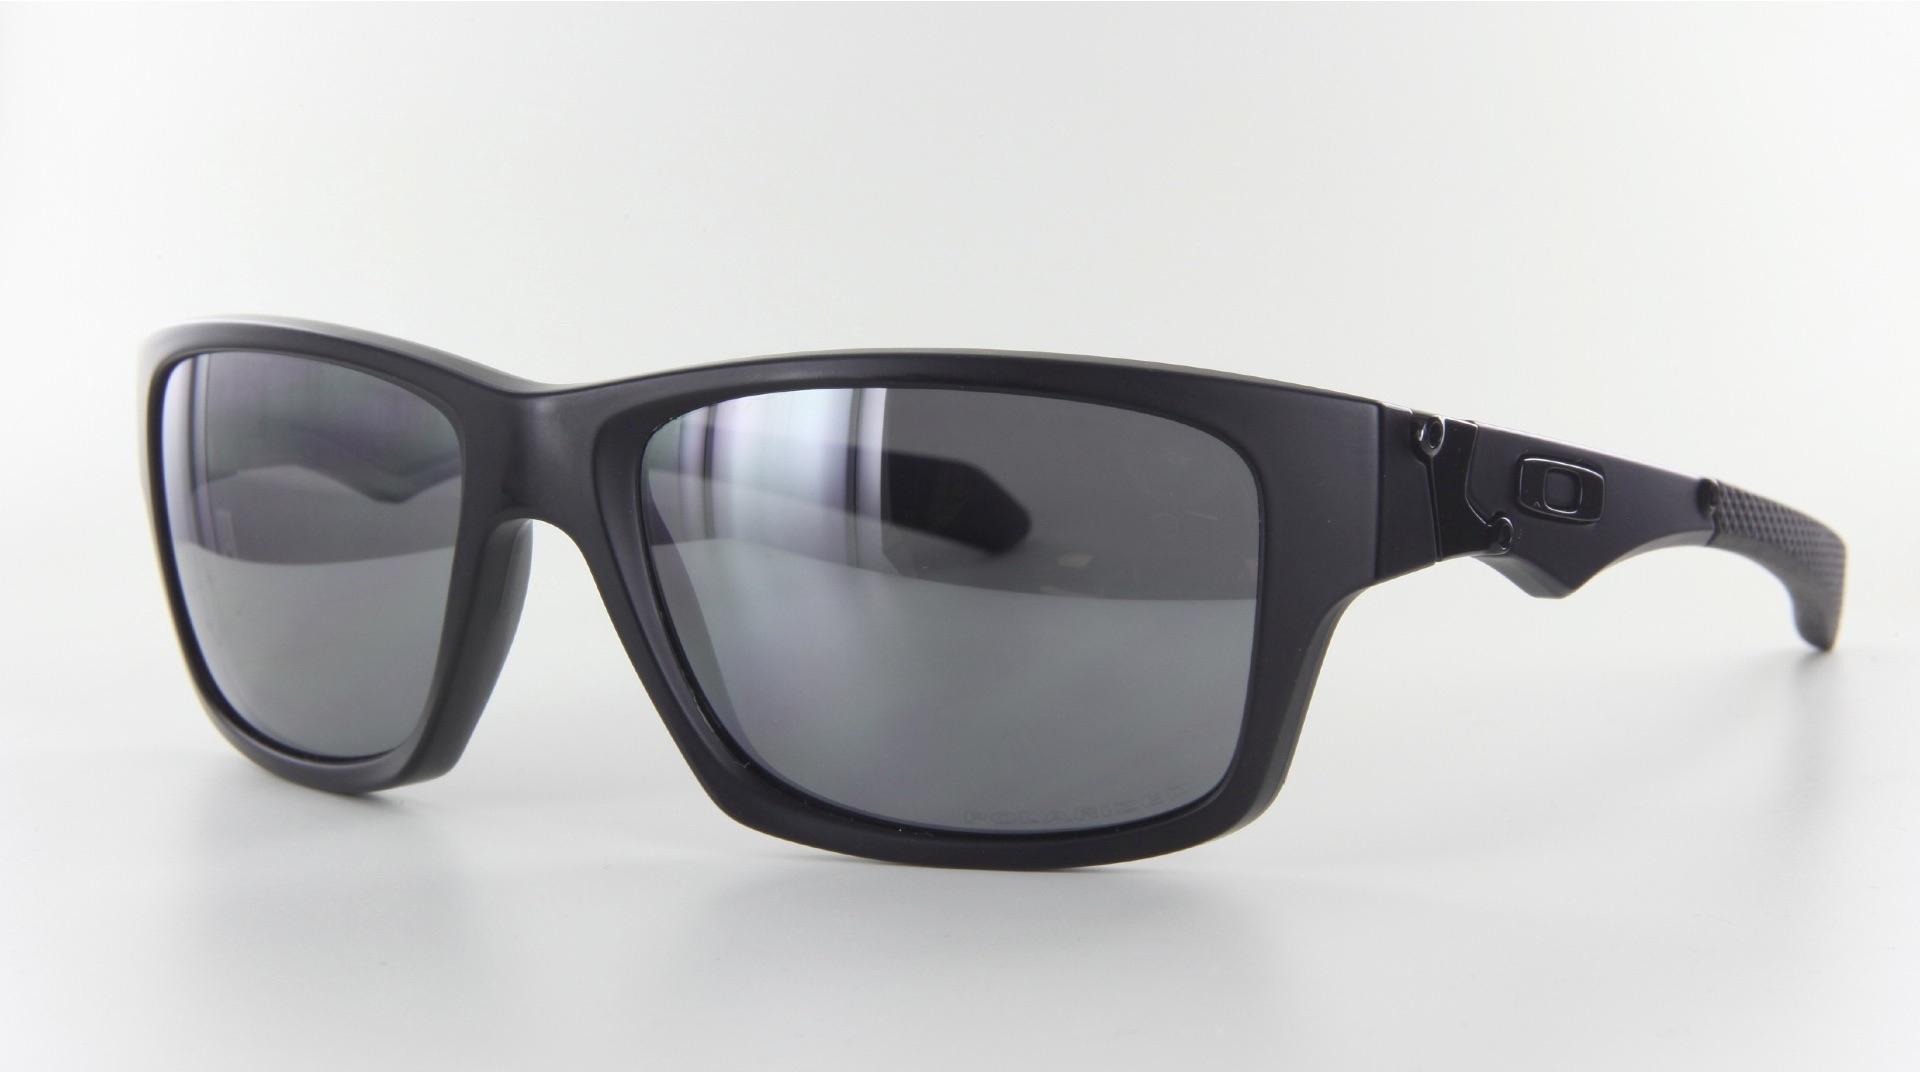 Oakley - ref: 65580